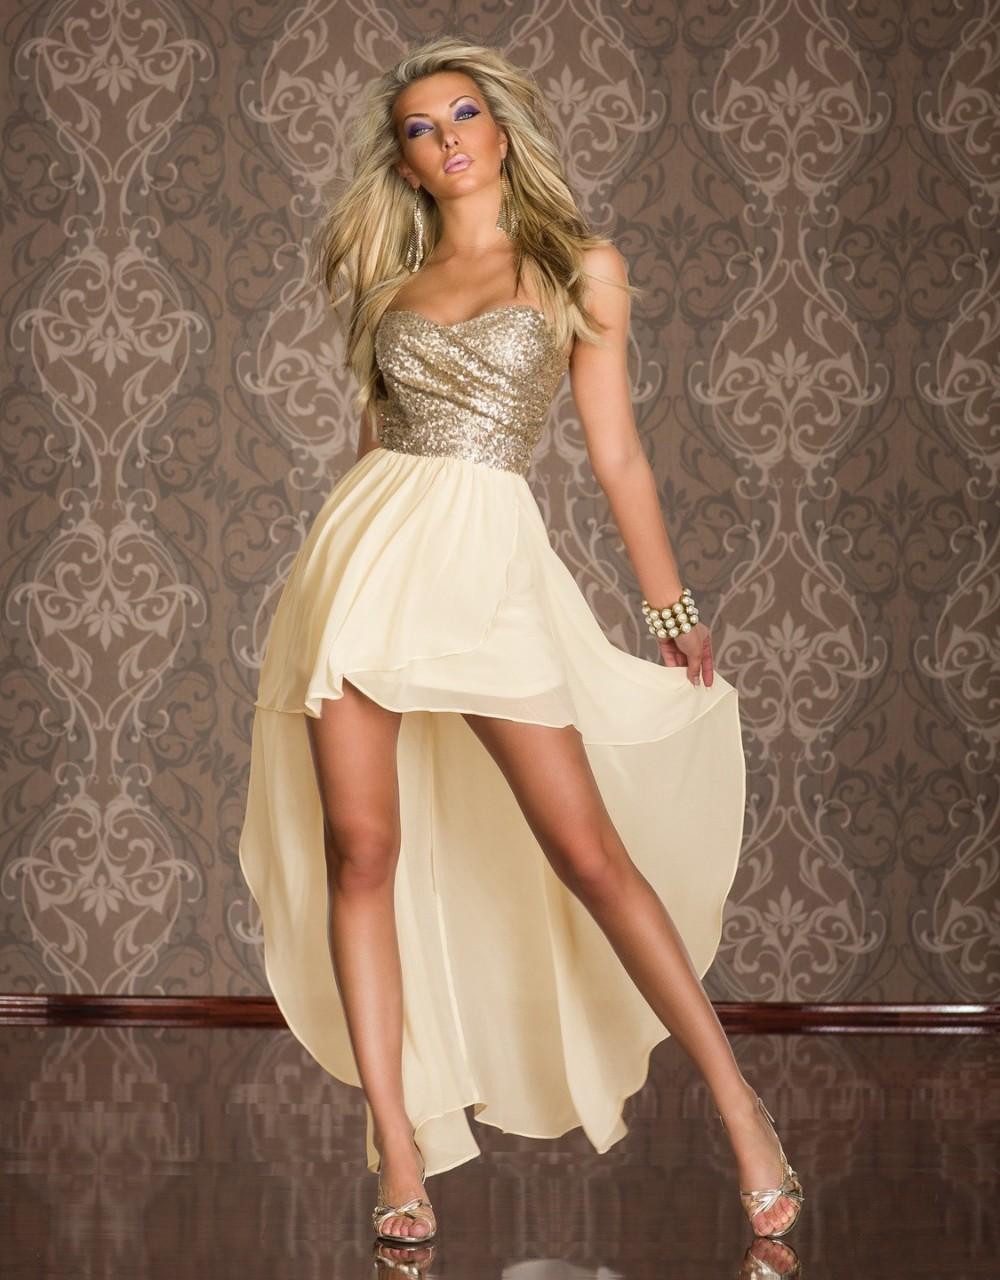 Эротика в длинном платье 20 фотография